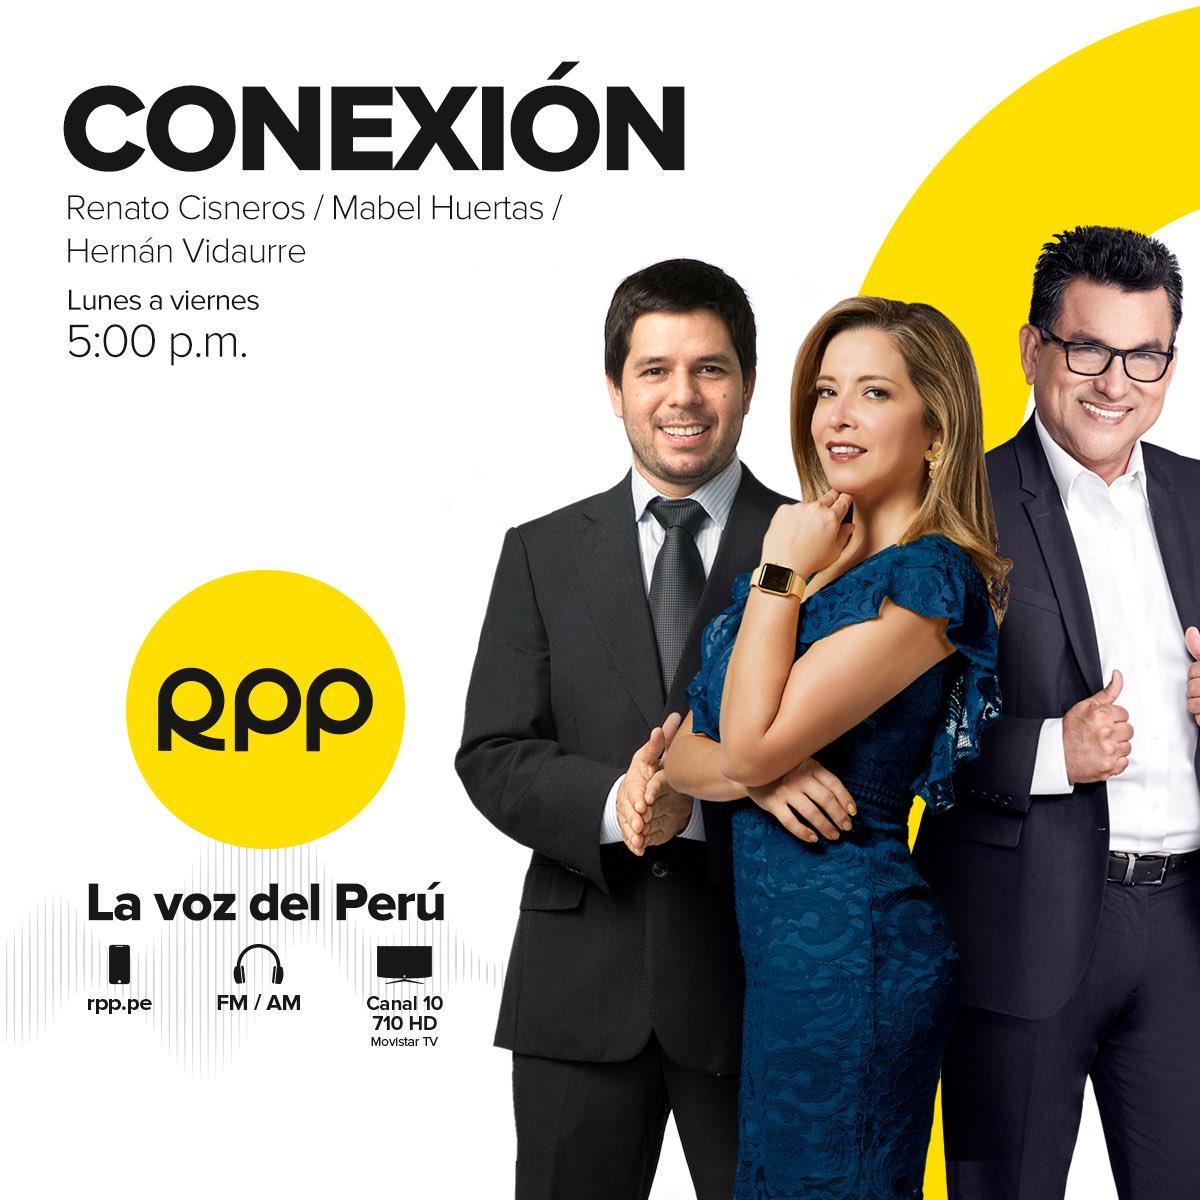 🔴 EN VIVO en #Conexión | Mypes exigen al Gobierno protocolos para reactivación.  ☑ Conversamos con Fernando Calmell del Solar, presidente de la ASEP.  🗣️ RPP, #LaVozDelPerú 🇵🇪  📻 ► 89.7 FM / 730 AM  📲 Vía web ►